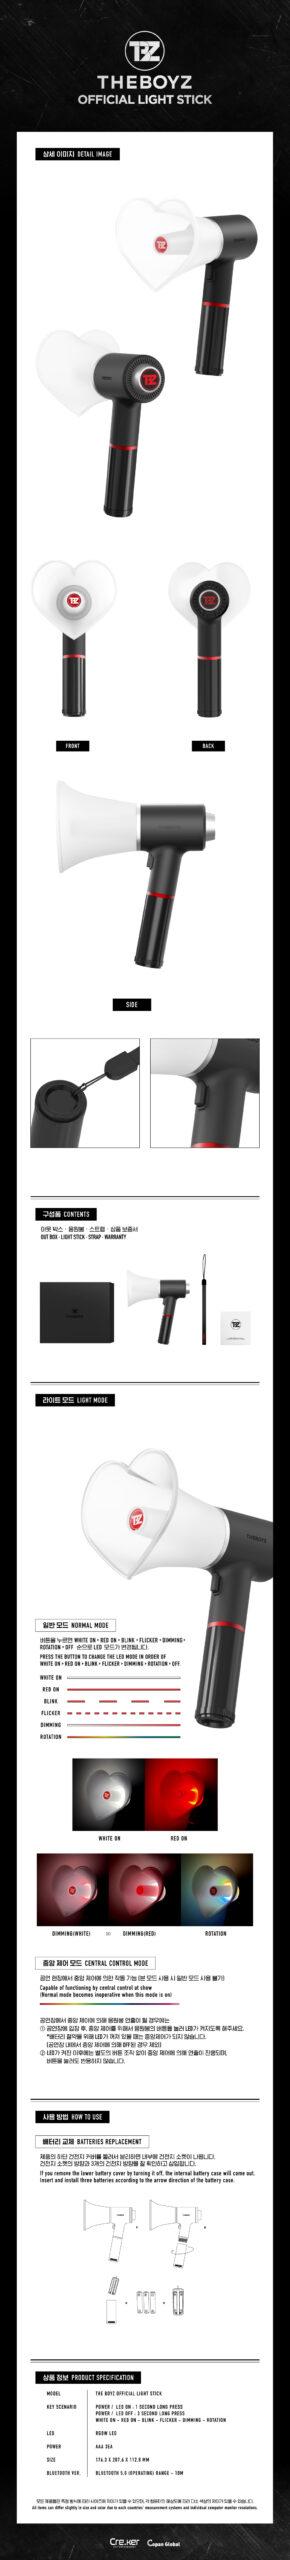 Light Stick OFFICIAL de ONF Photo Card Gift 1